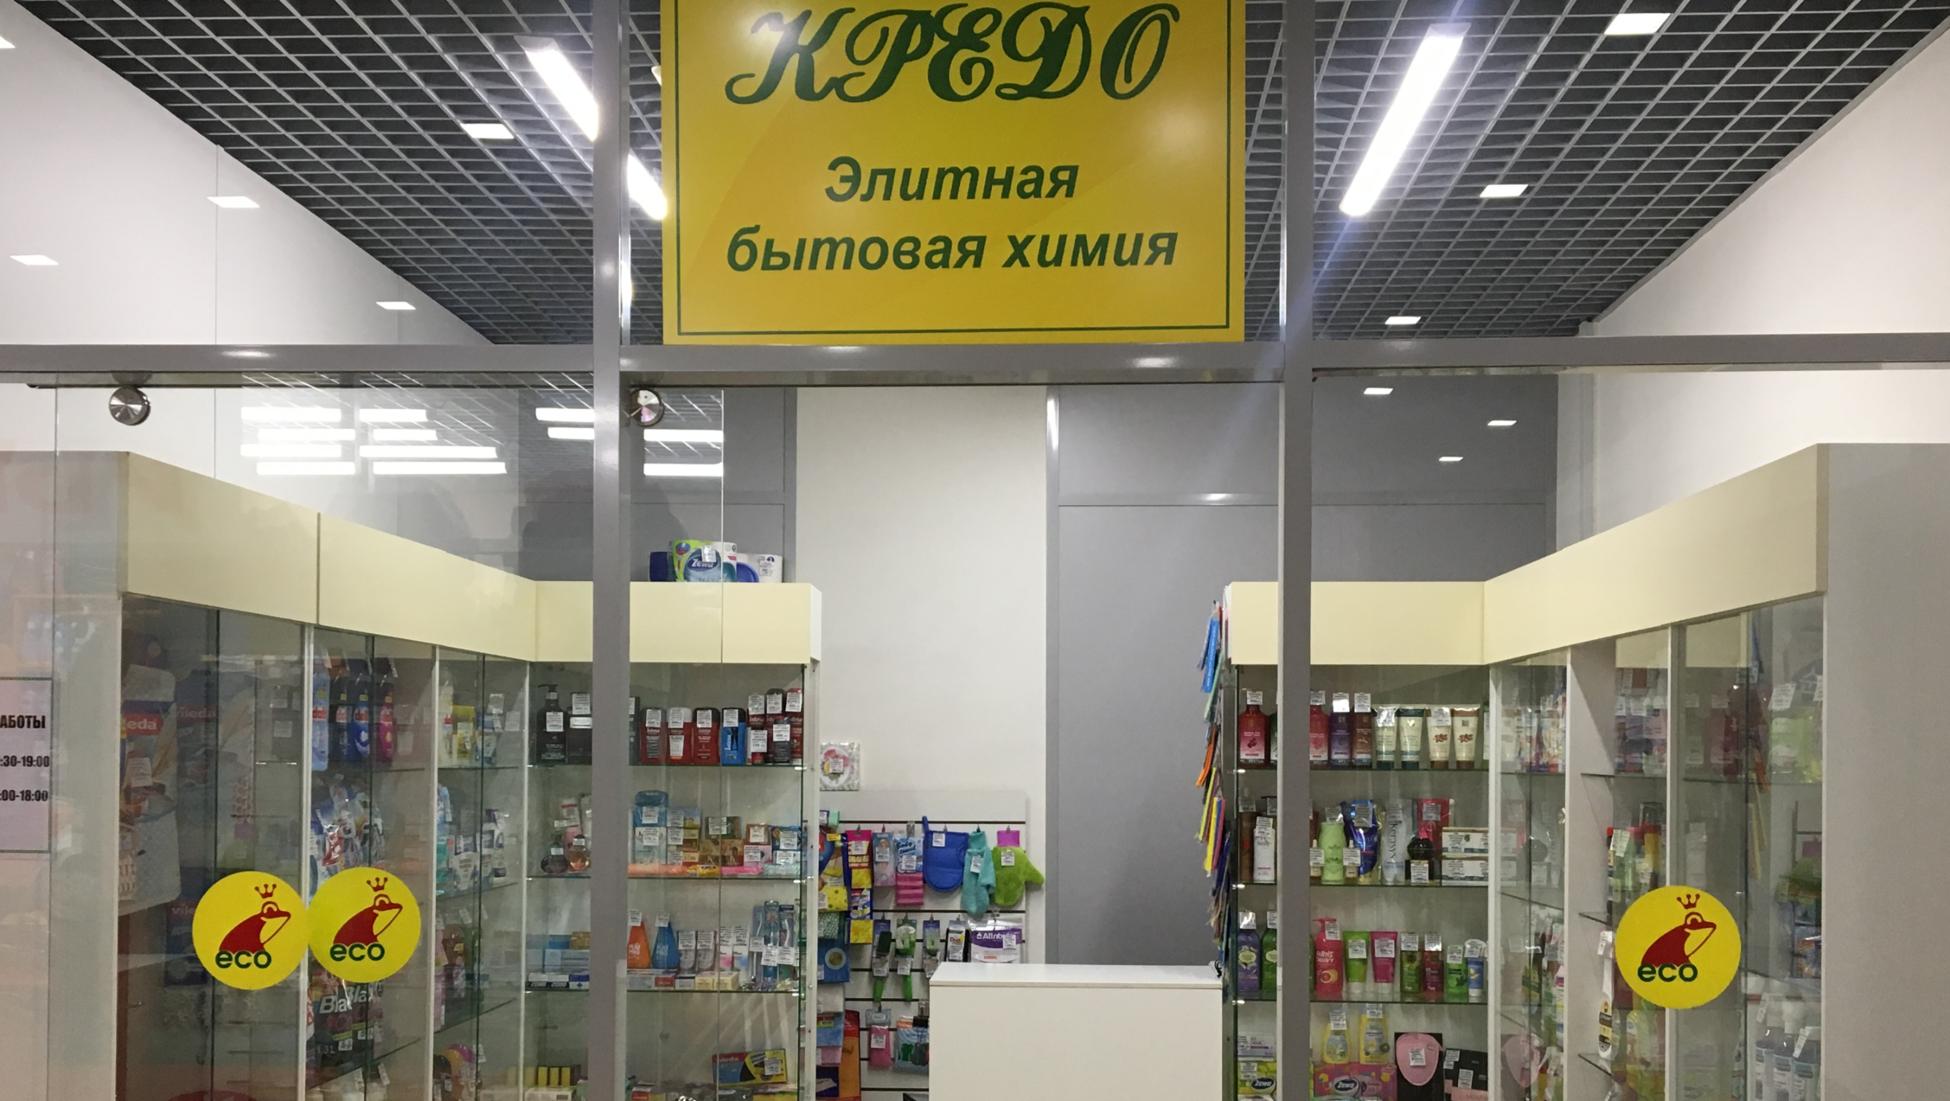 БутоваяХимия_слайд1